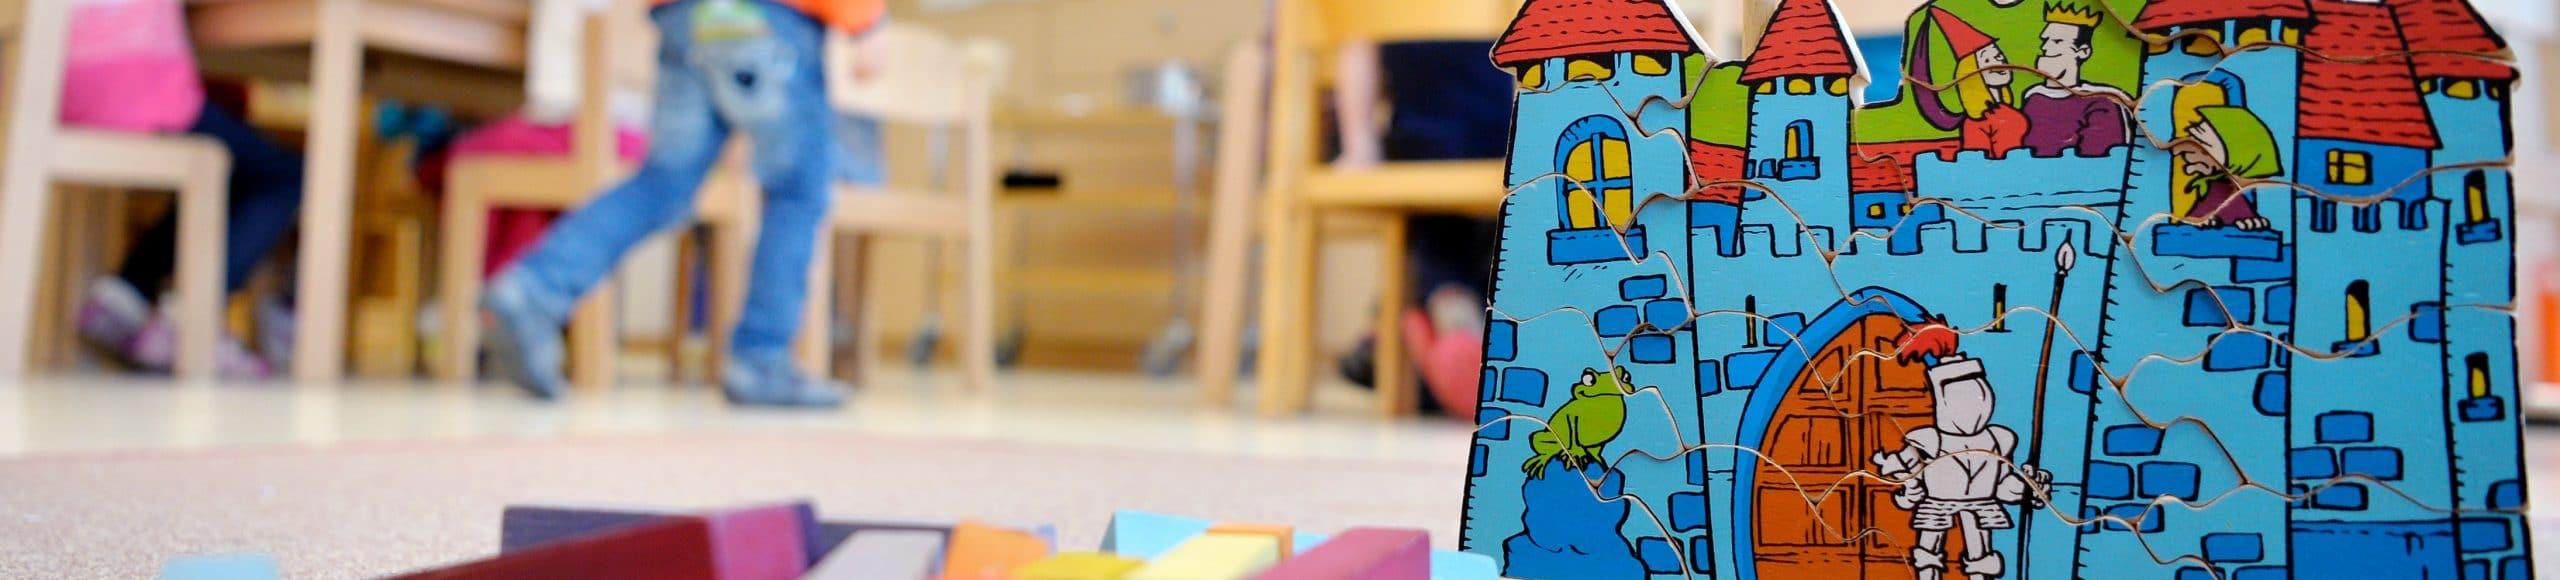 Kita frühkindliche Bildung Kind Kindergarten Kindertagesstätte Erzieher Erzieherin